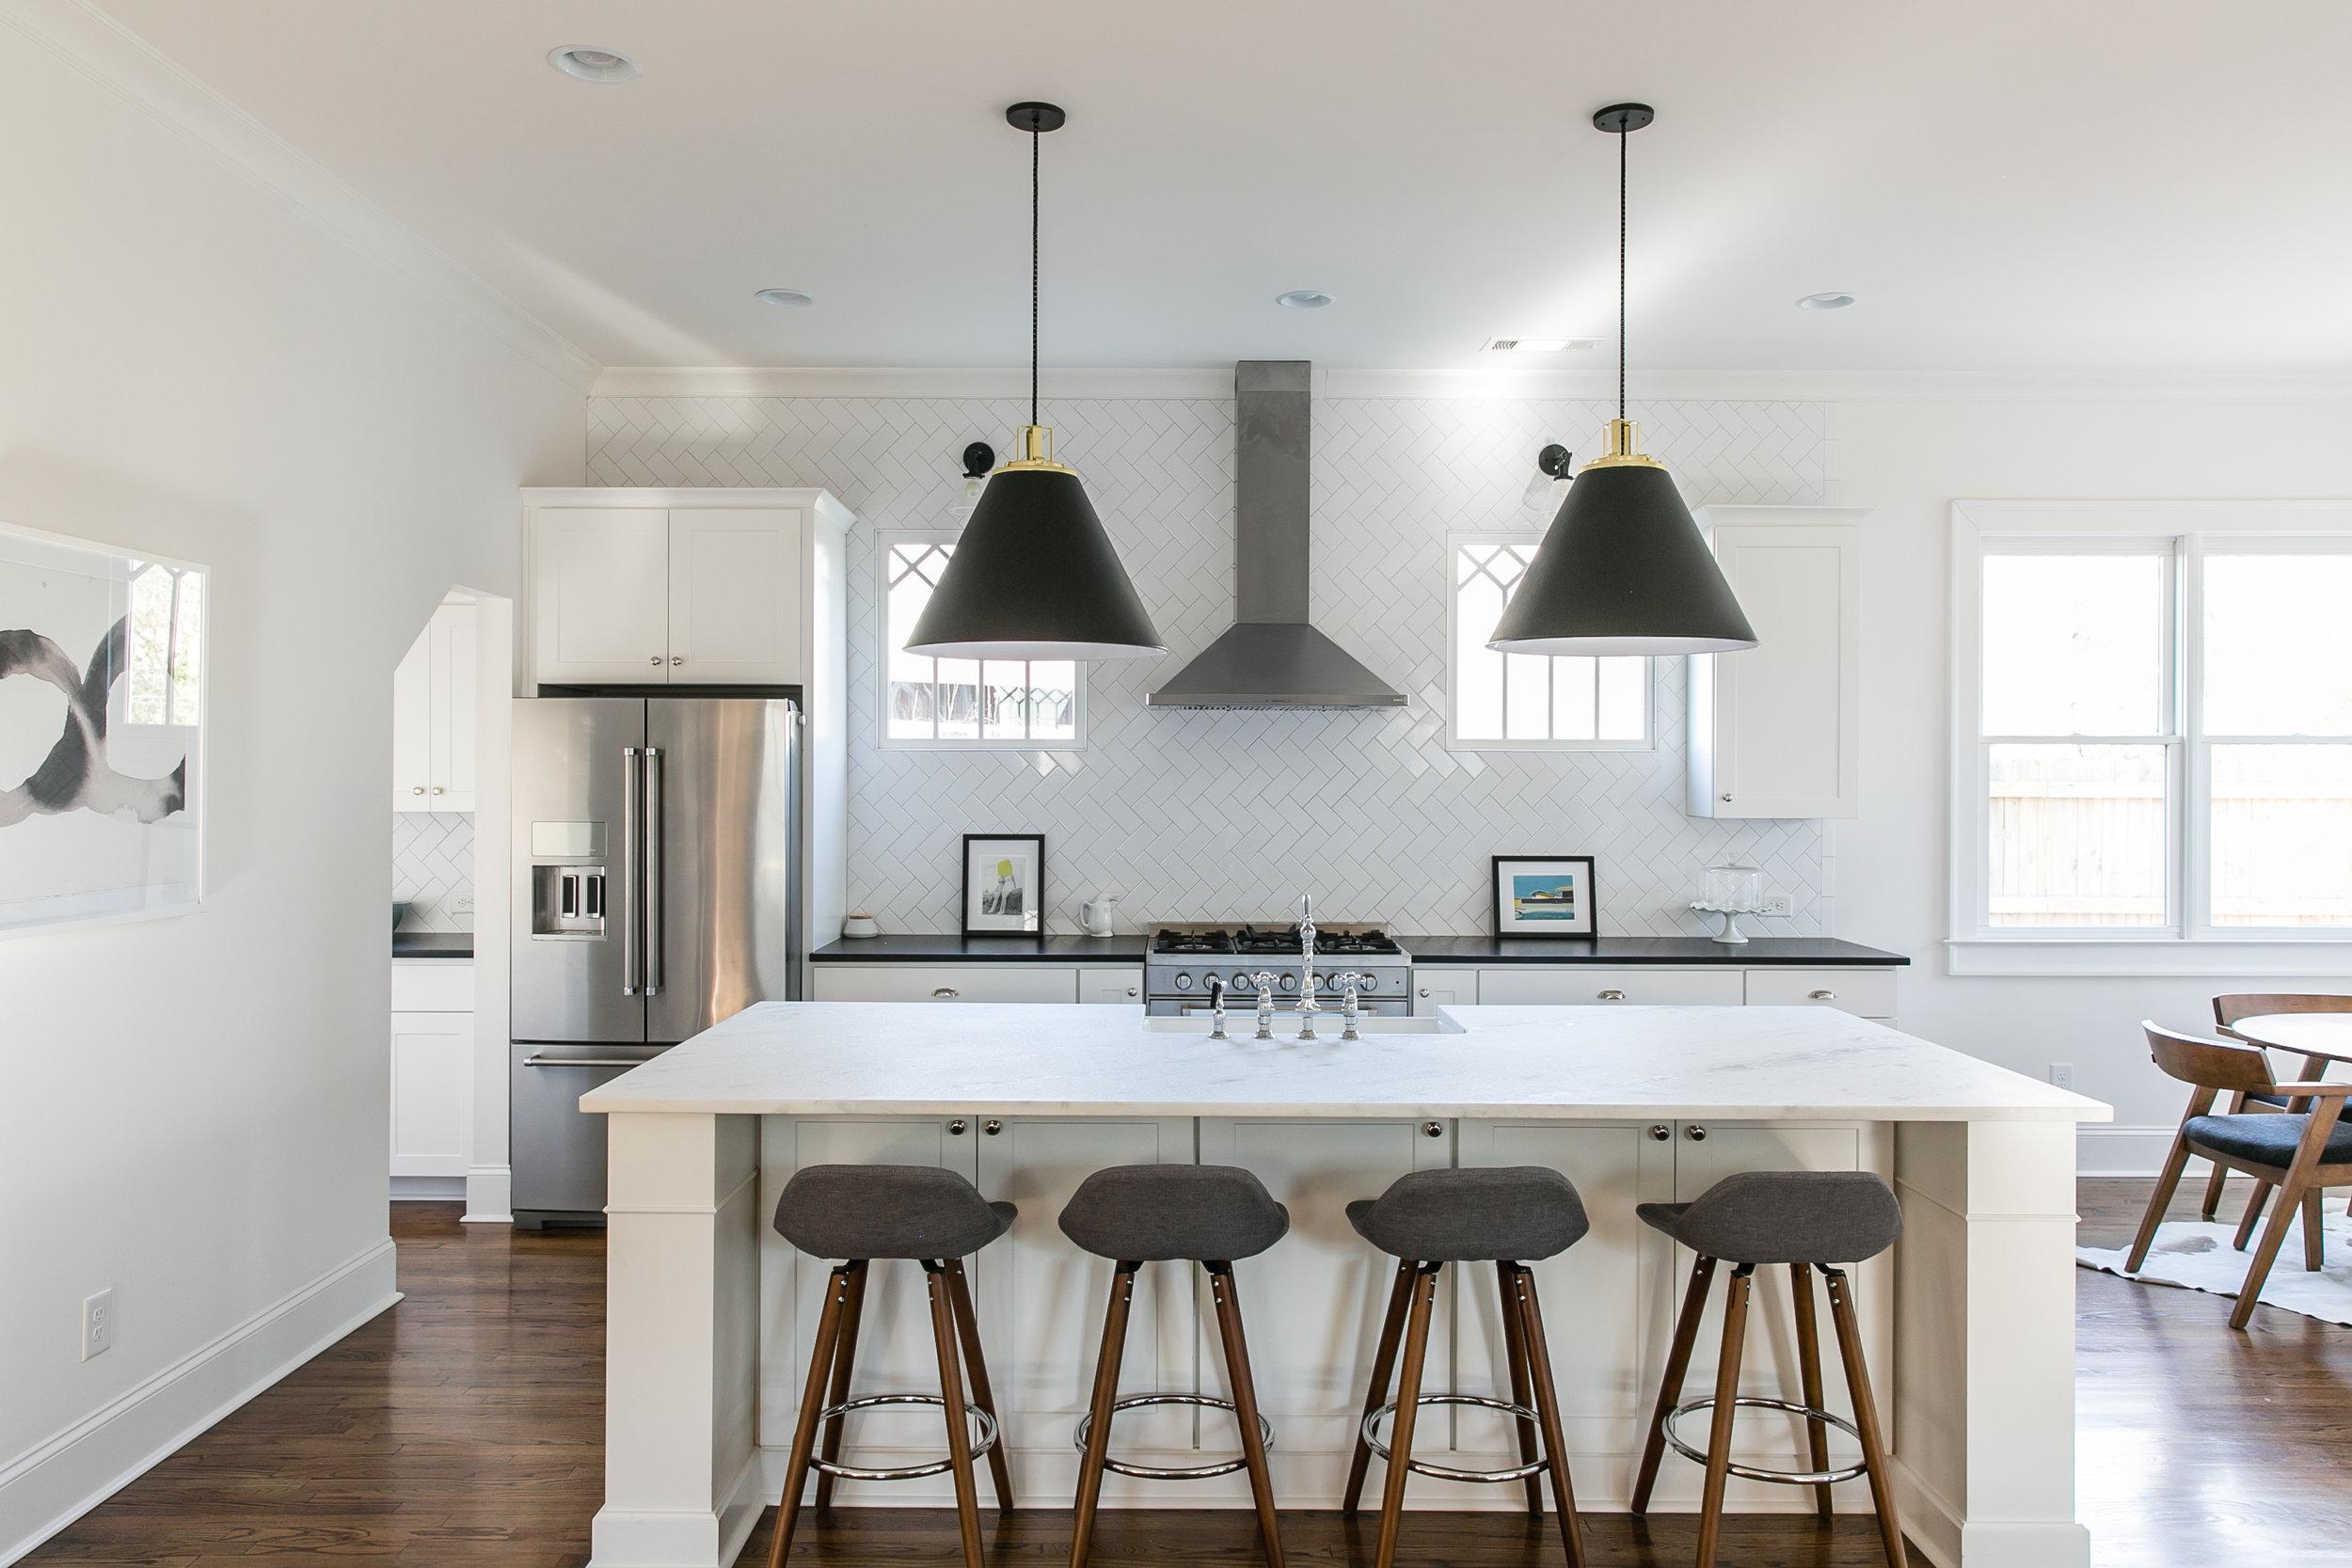 239 Greenwood-Kitchen 2.jpg